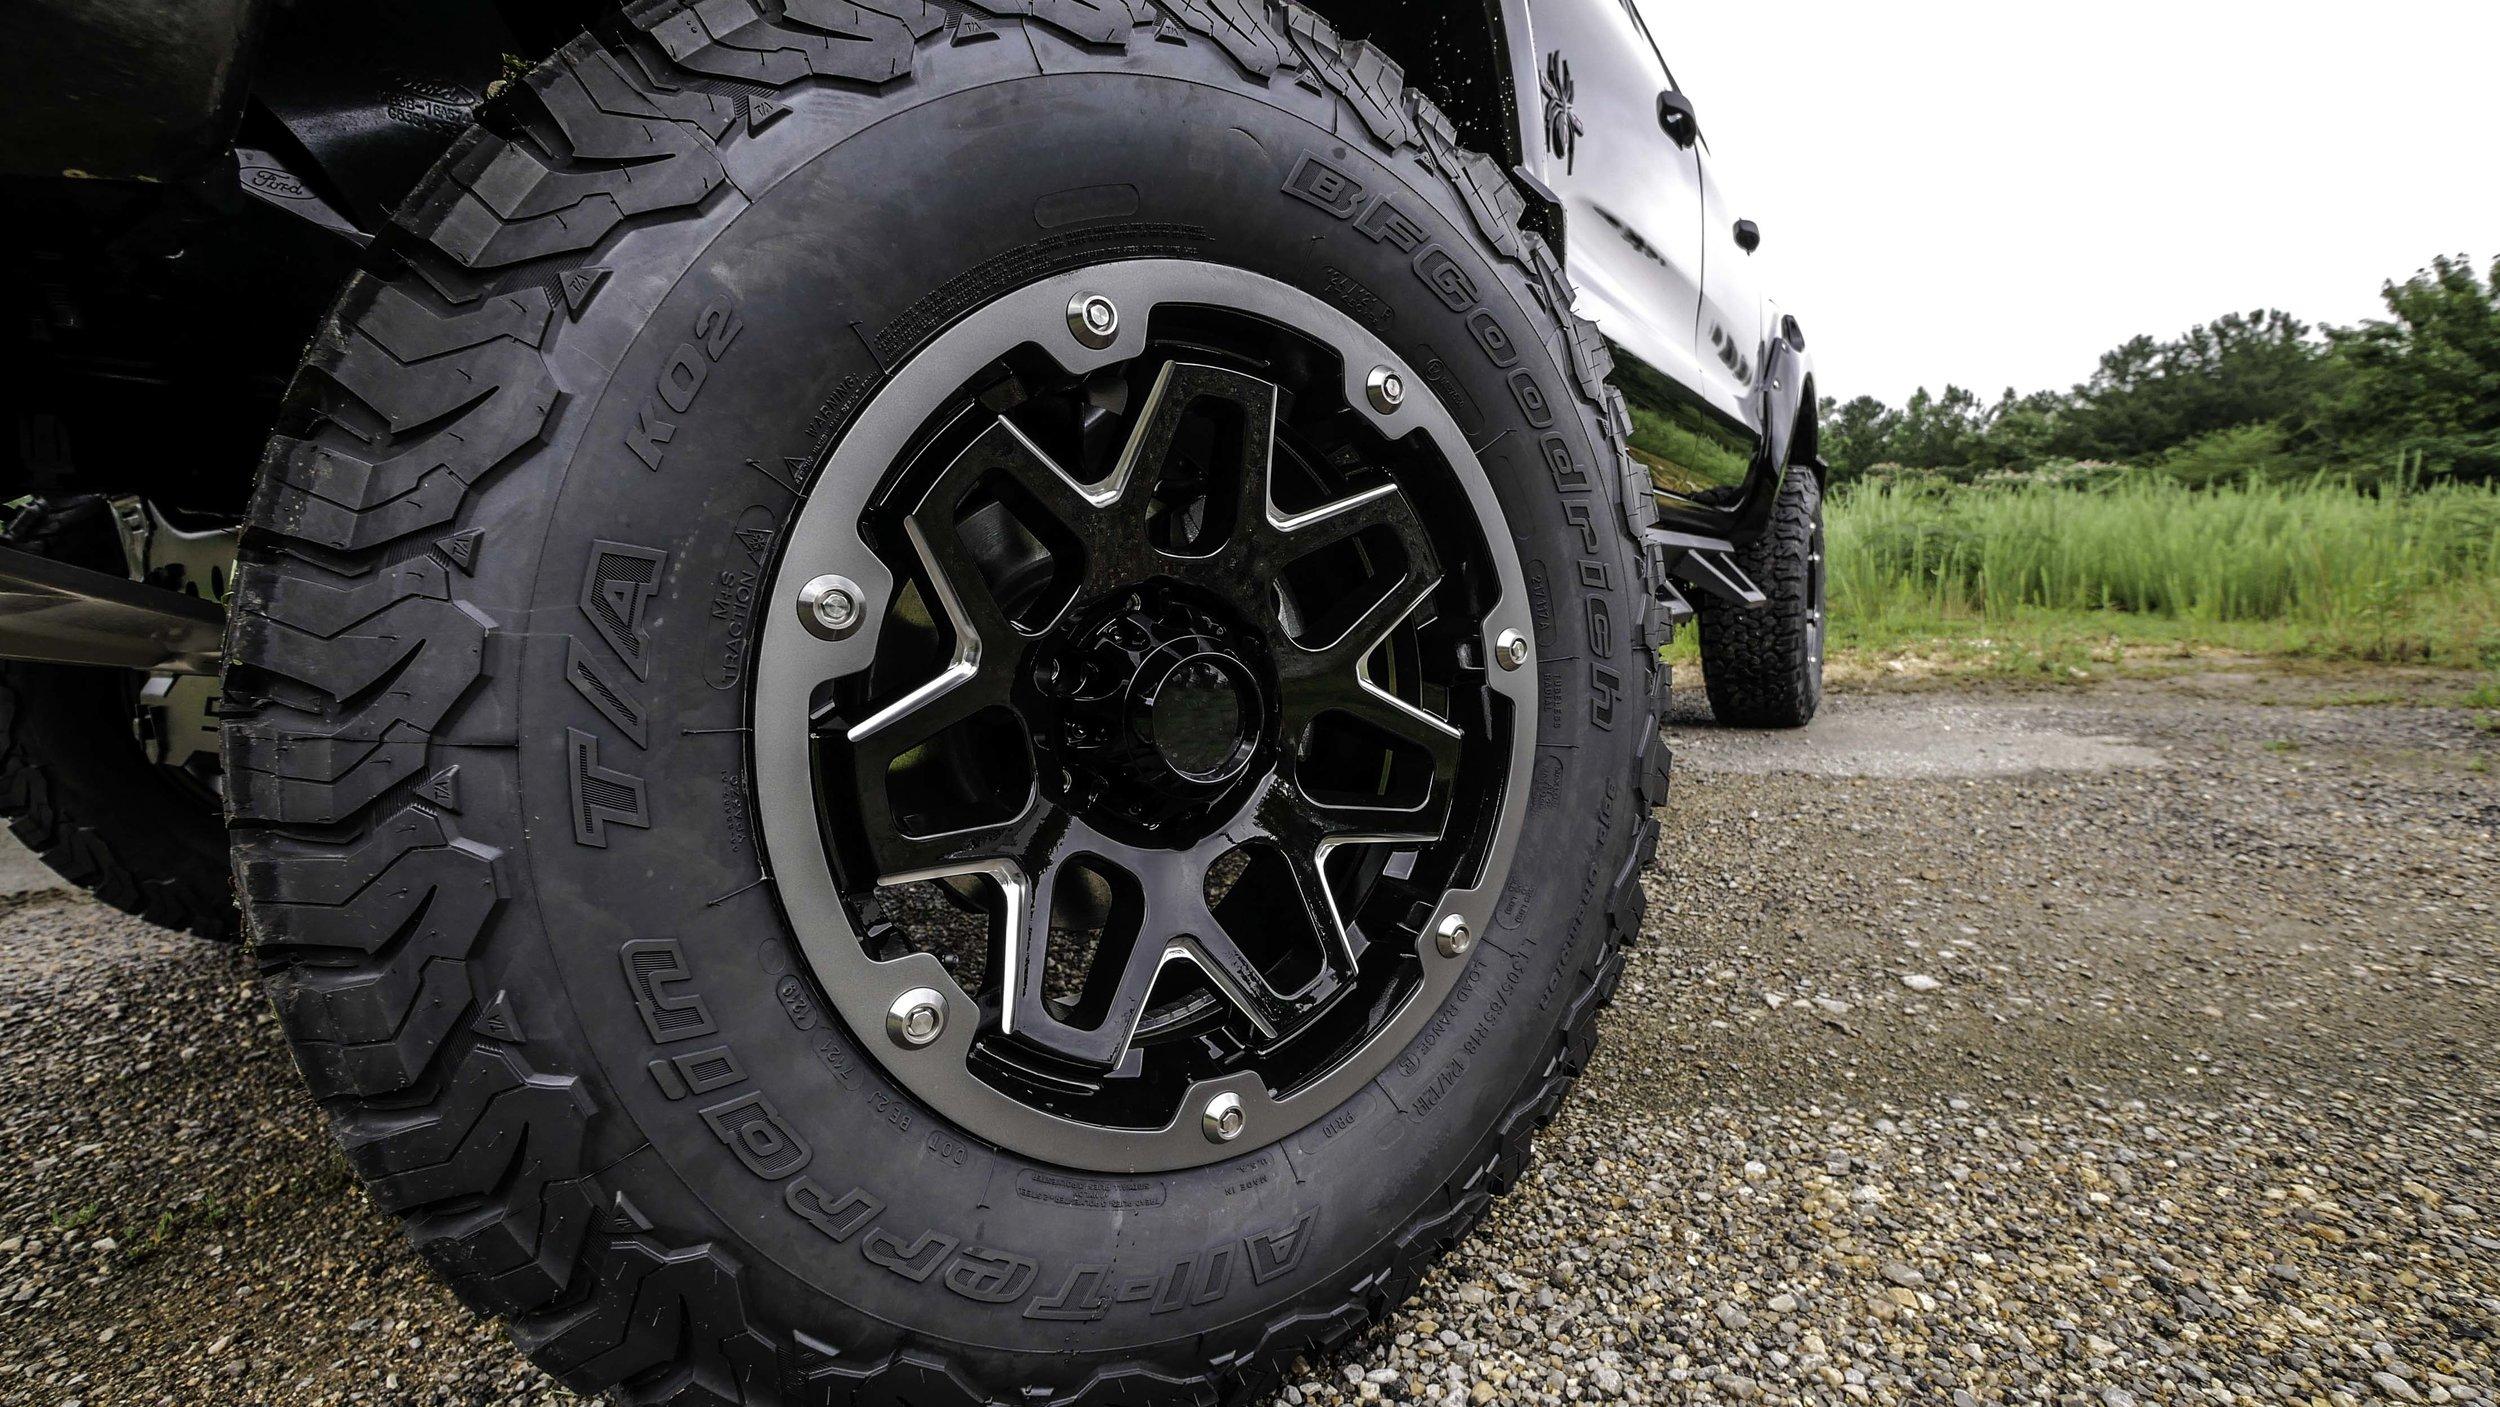 Ford Ranger Wheel and Tire.jpg